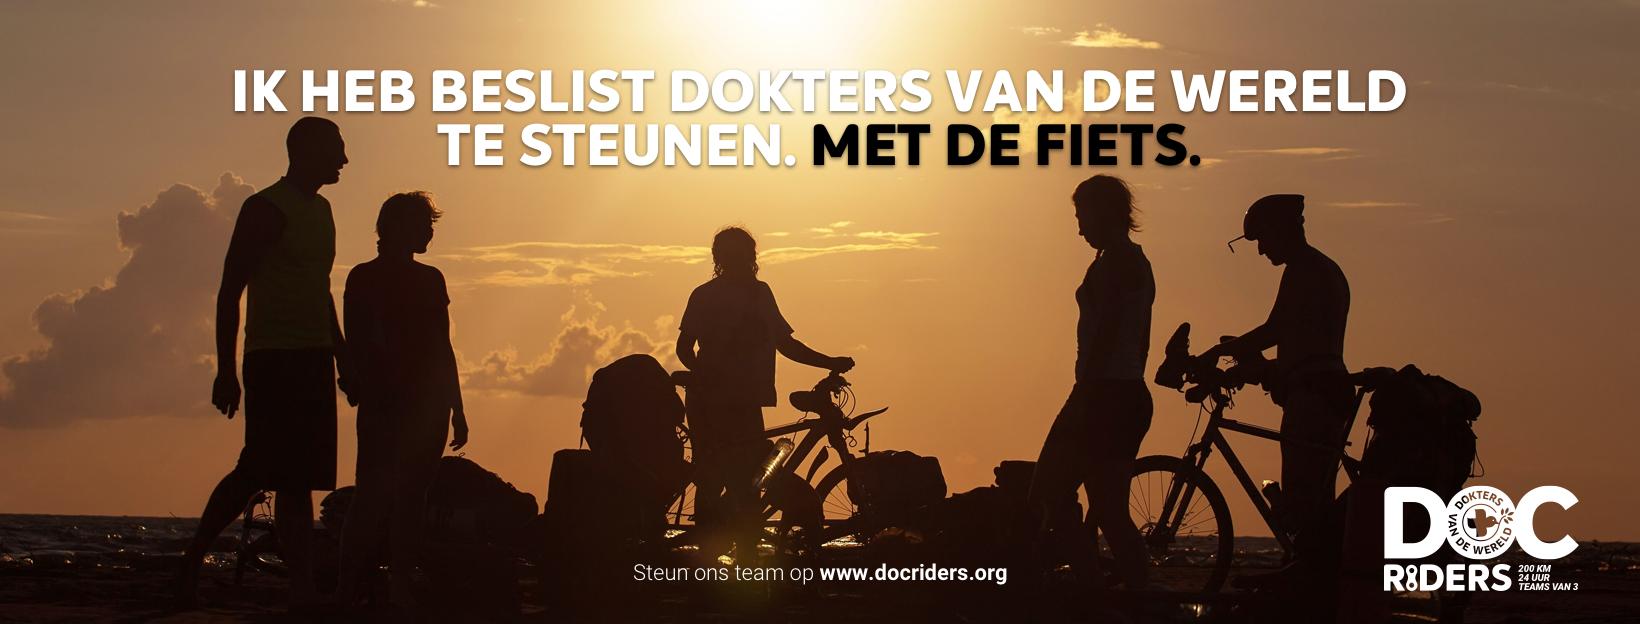 visuel - Facebook - Cover - Team - 3 - NL